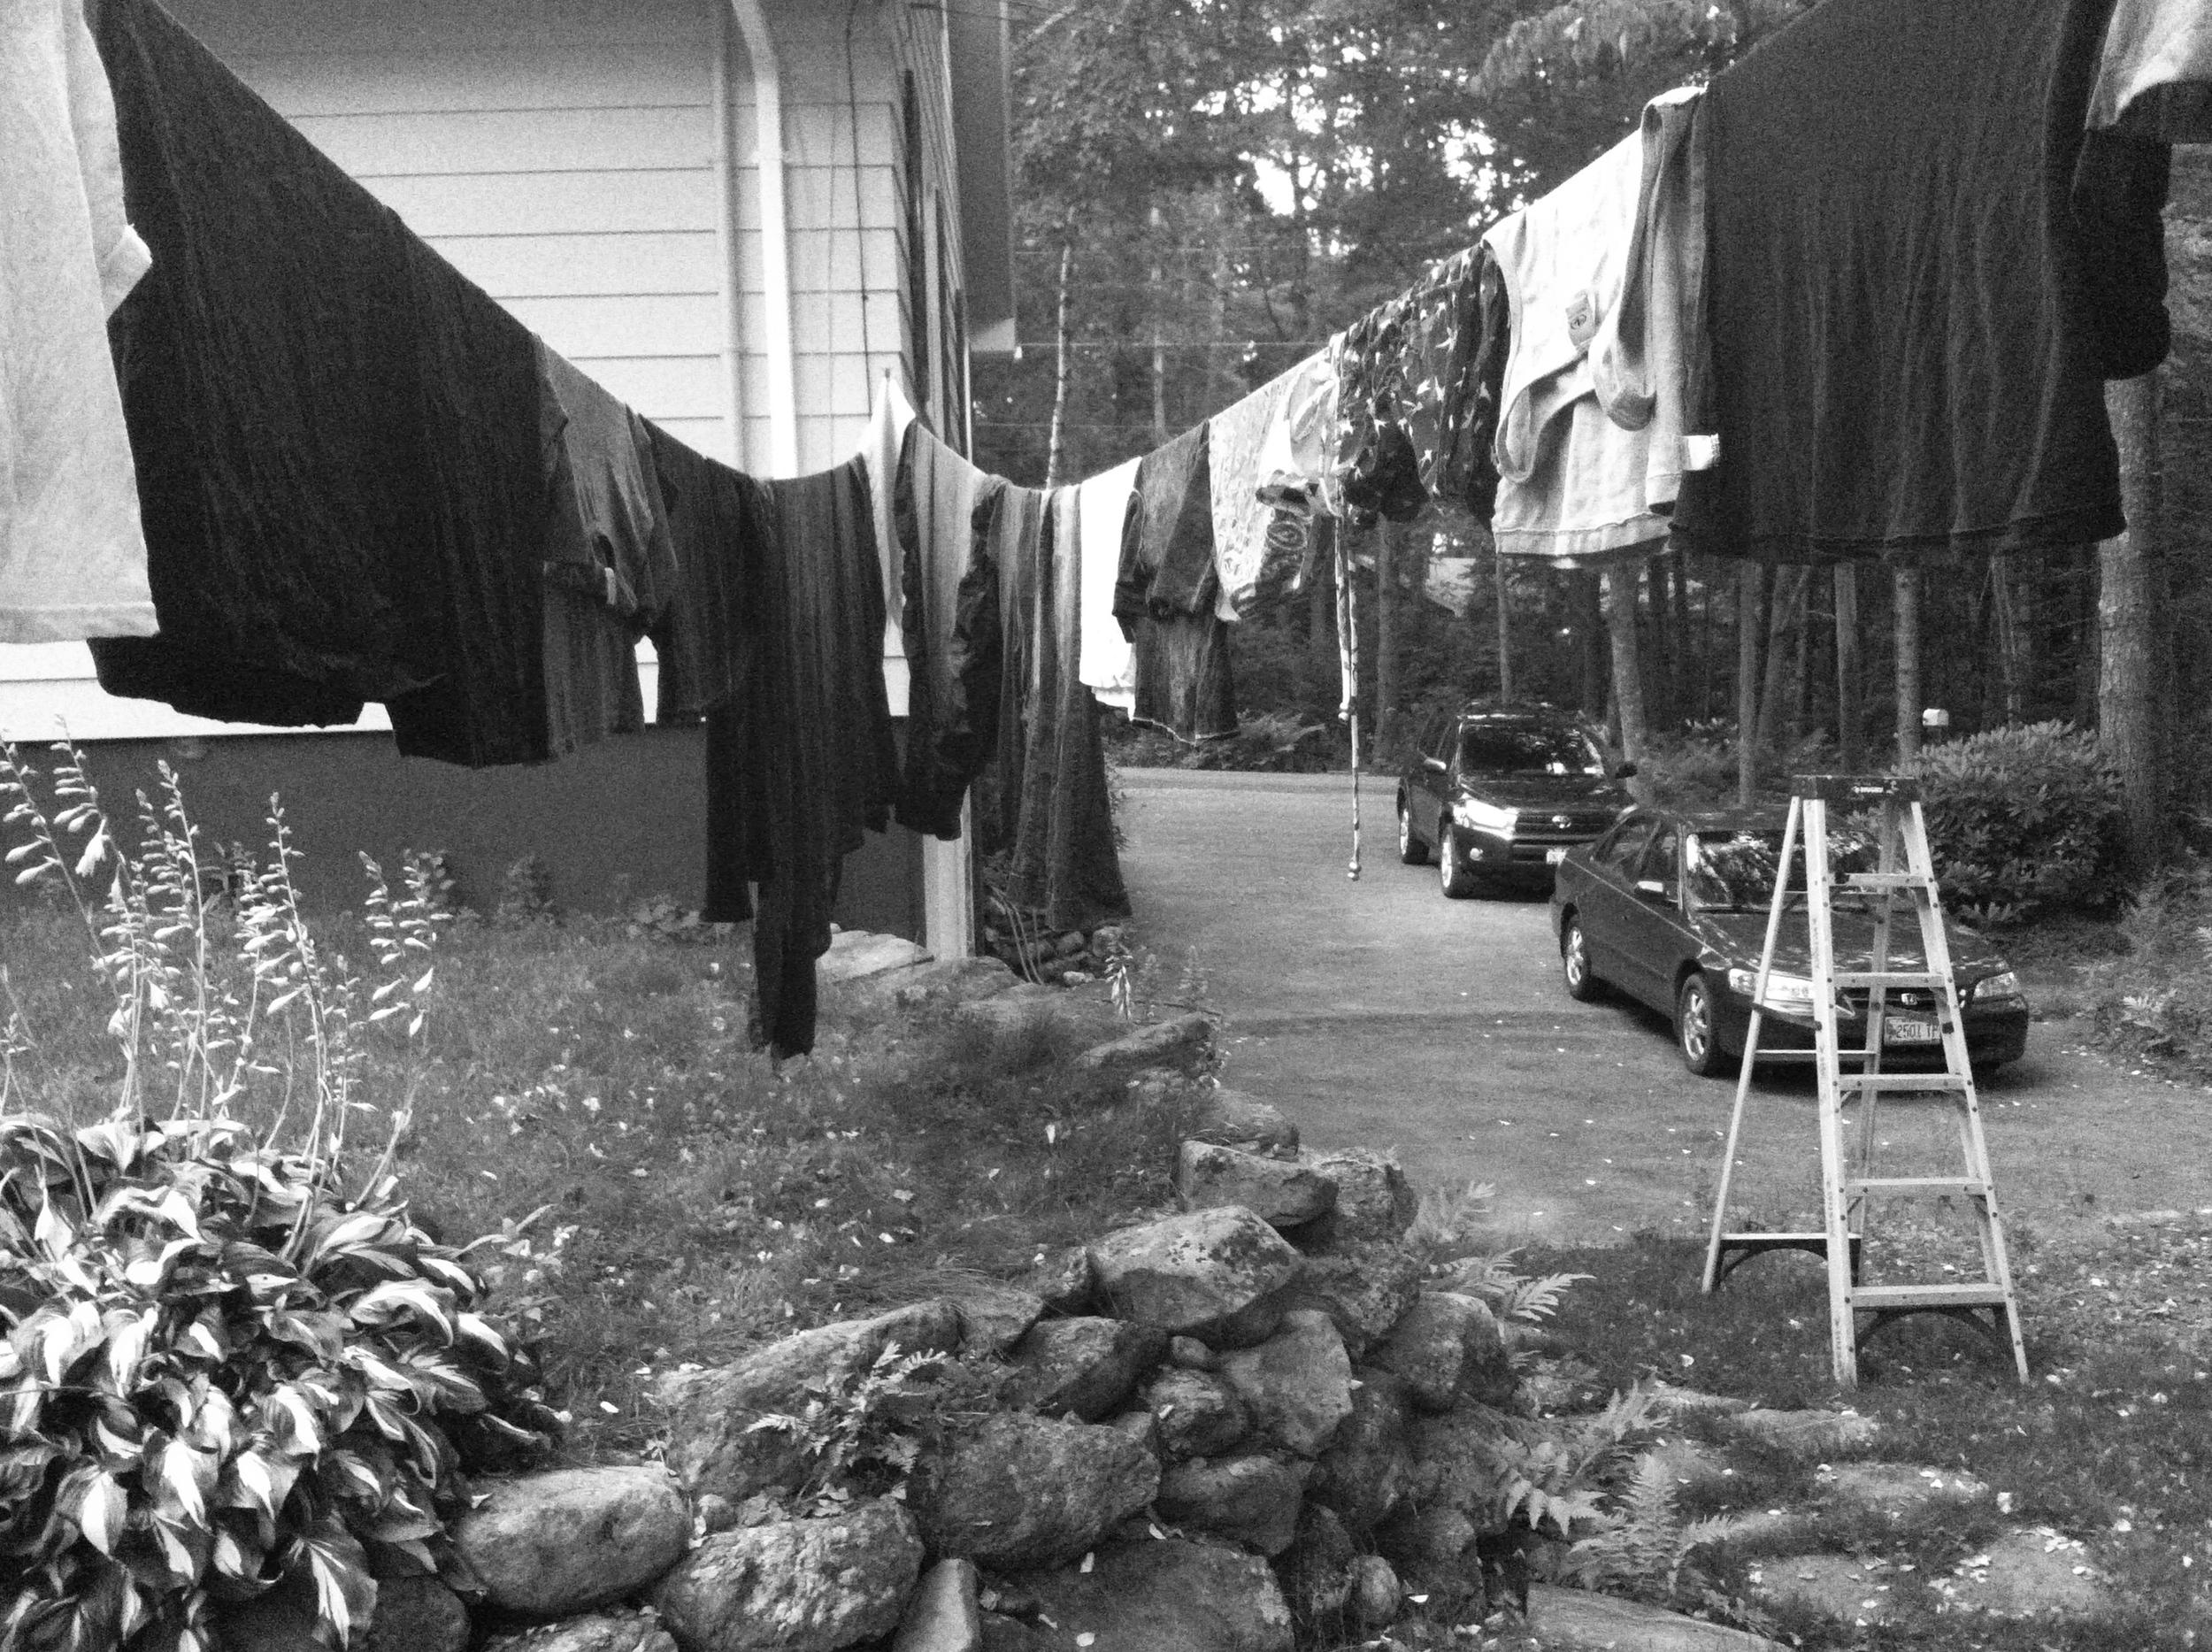 Rockport, Laundry.